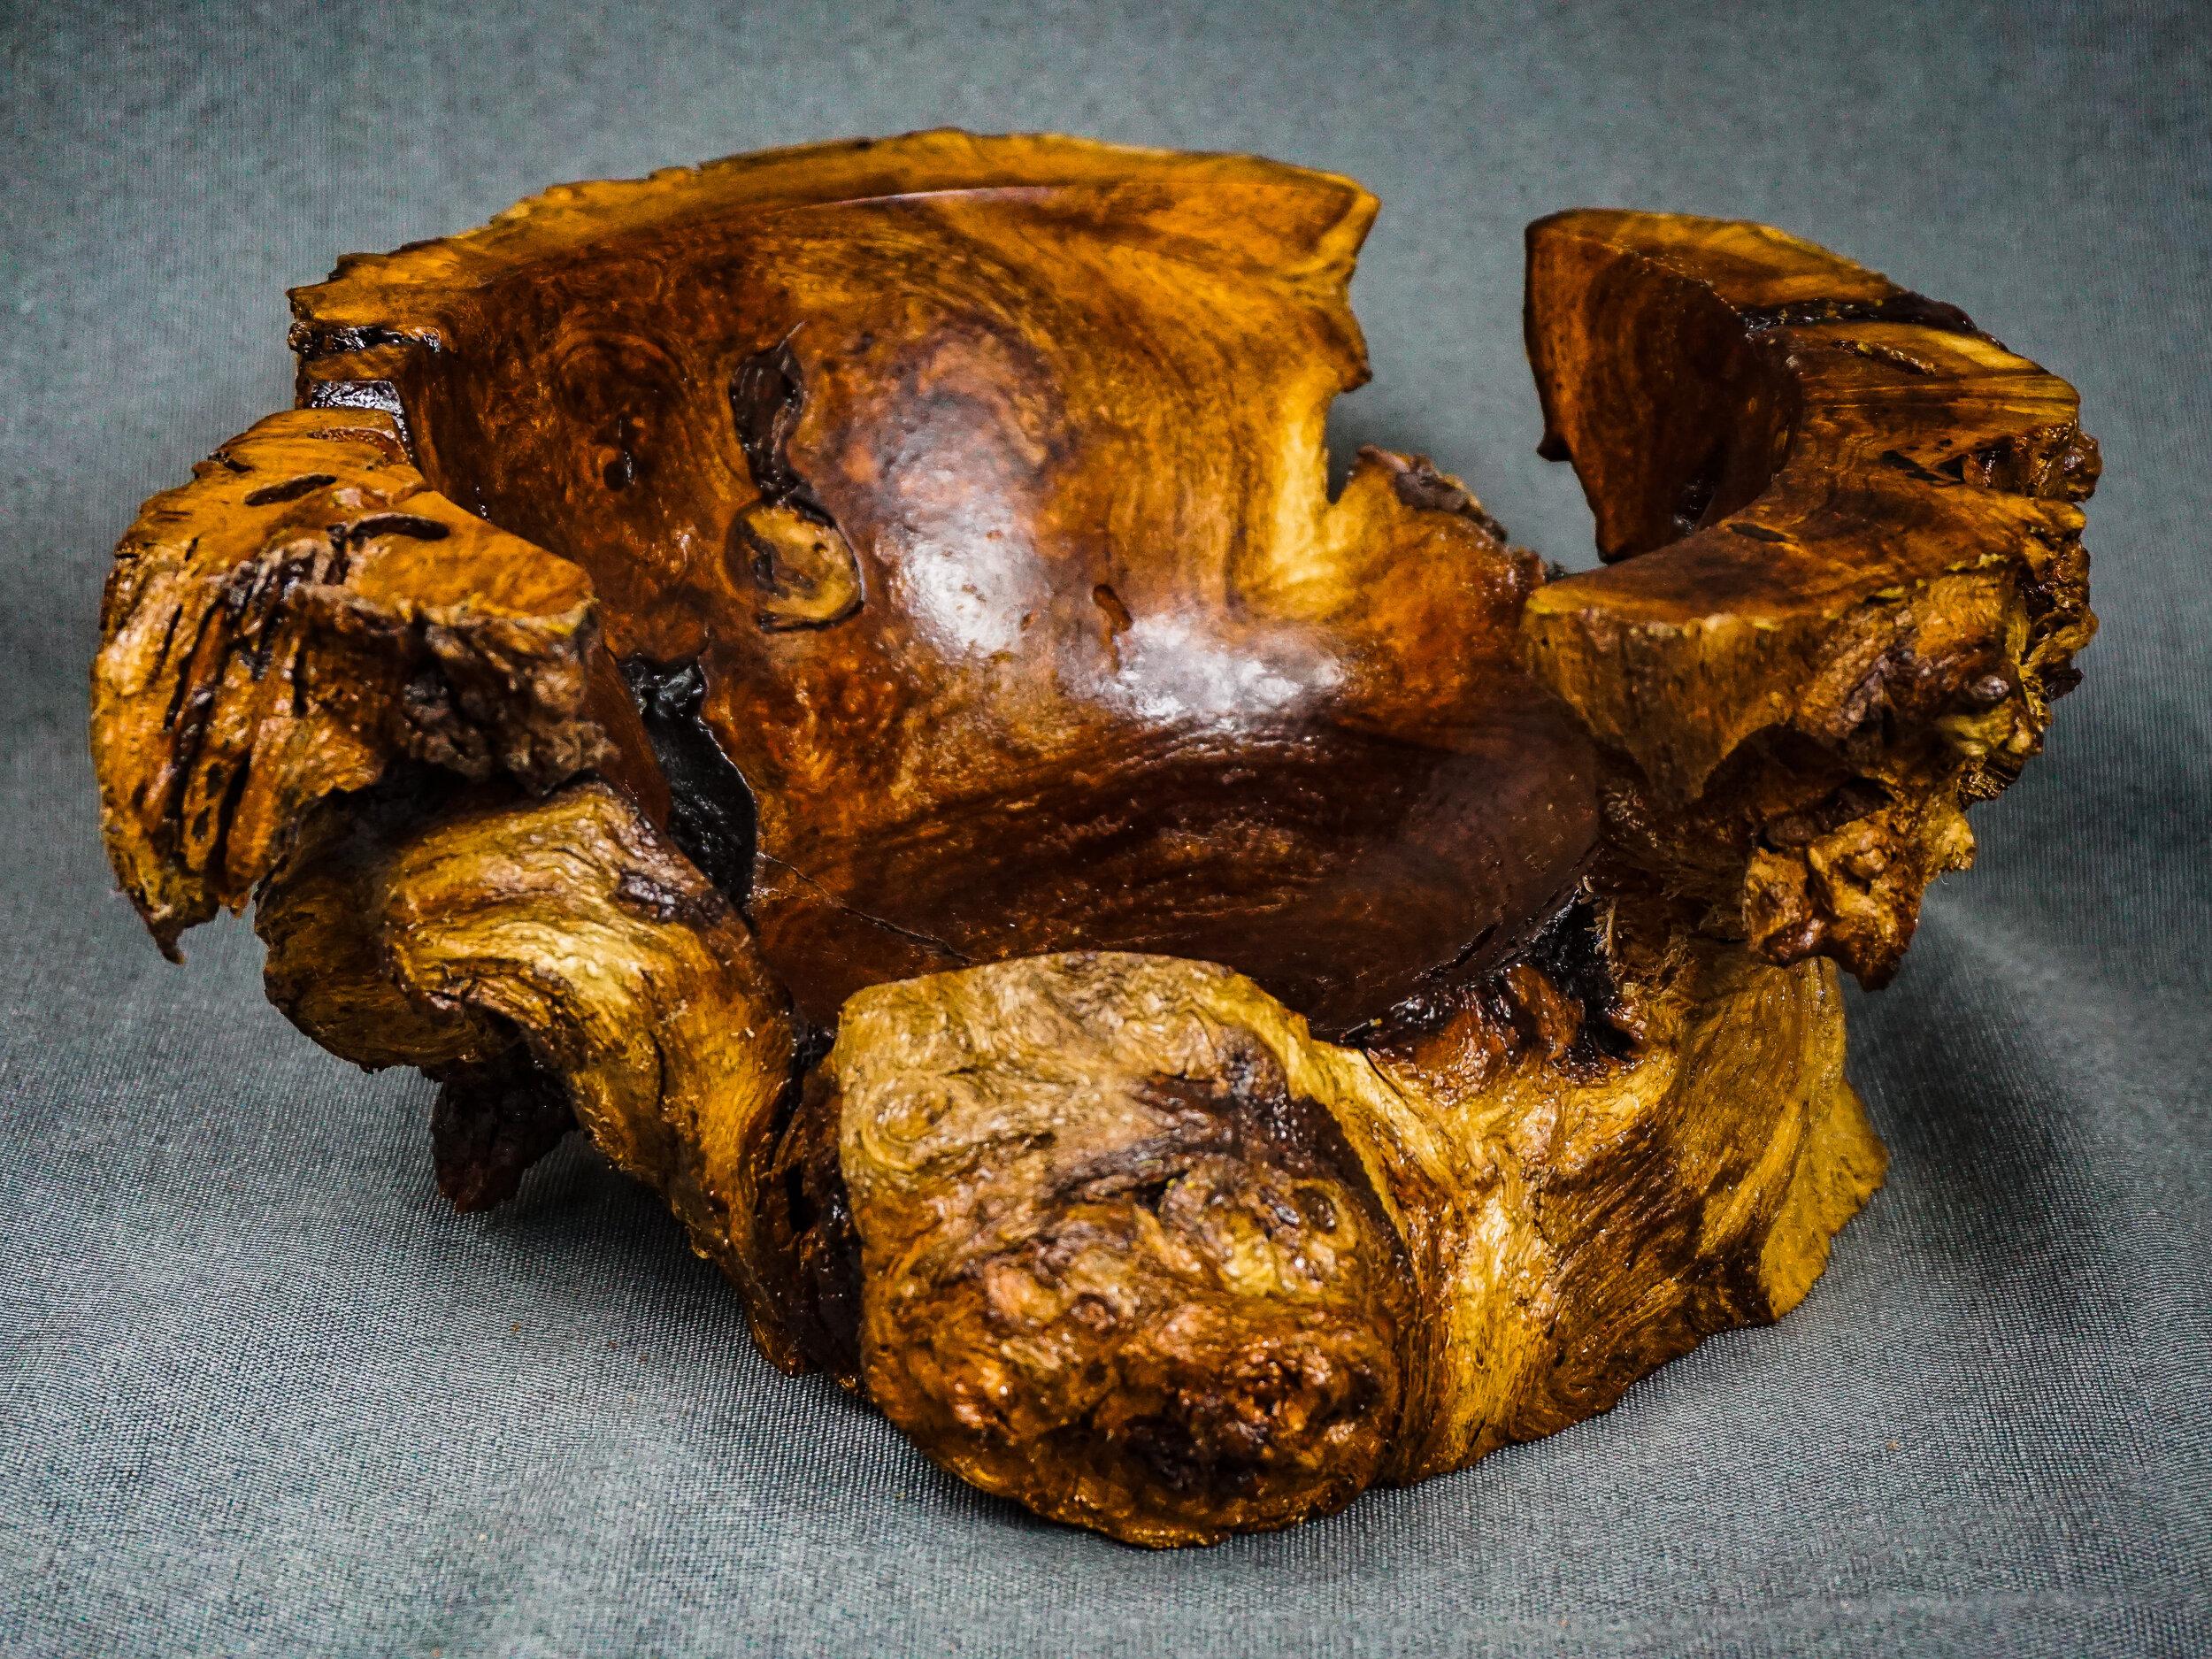 Mesquite Burl Bowl